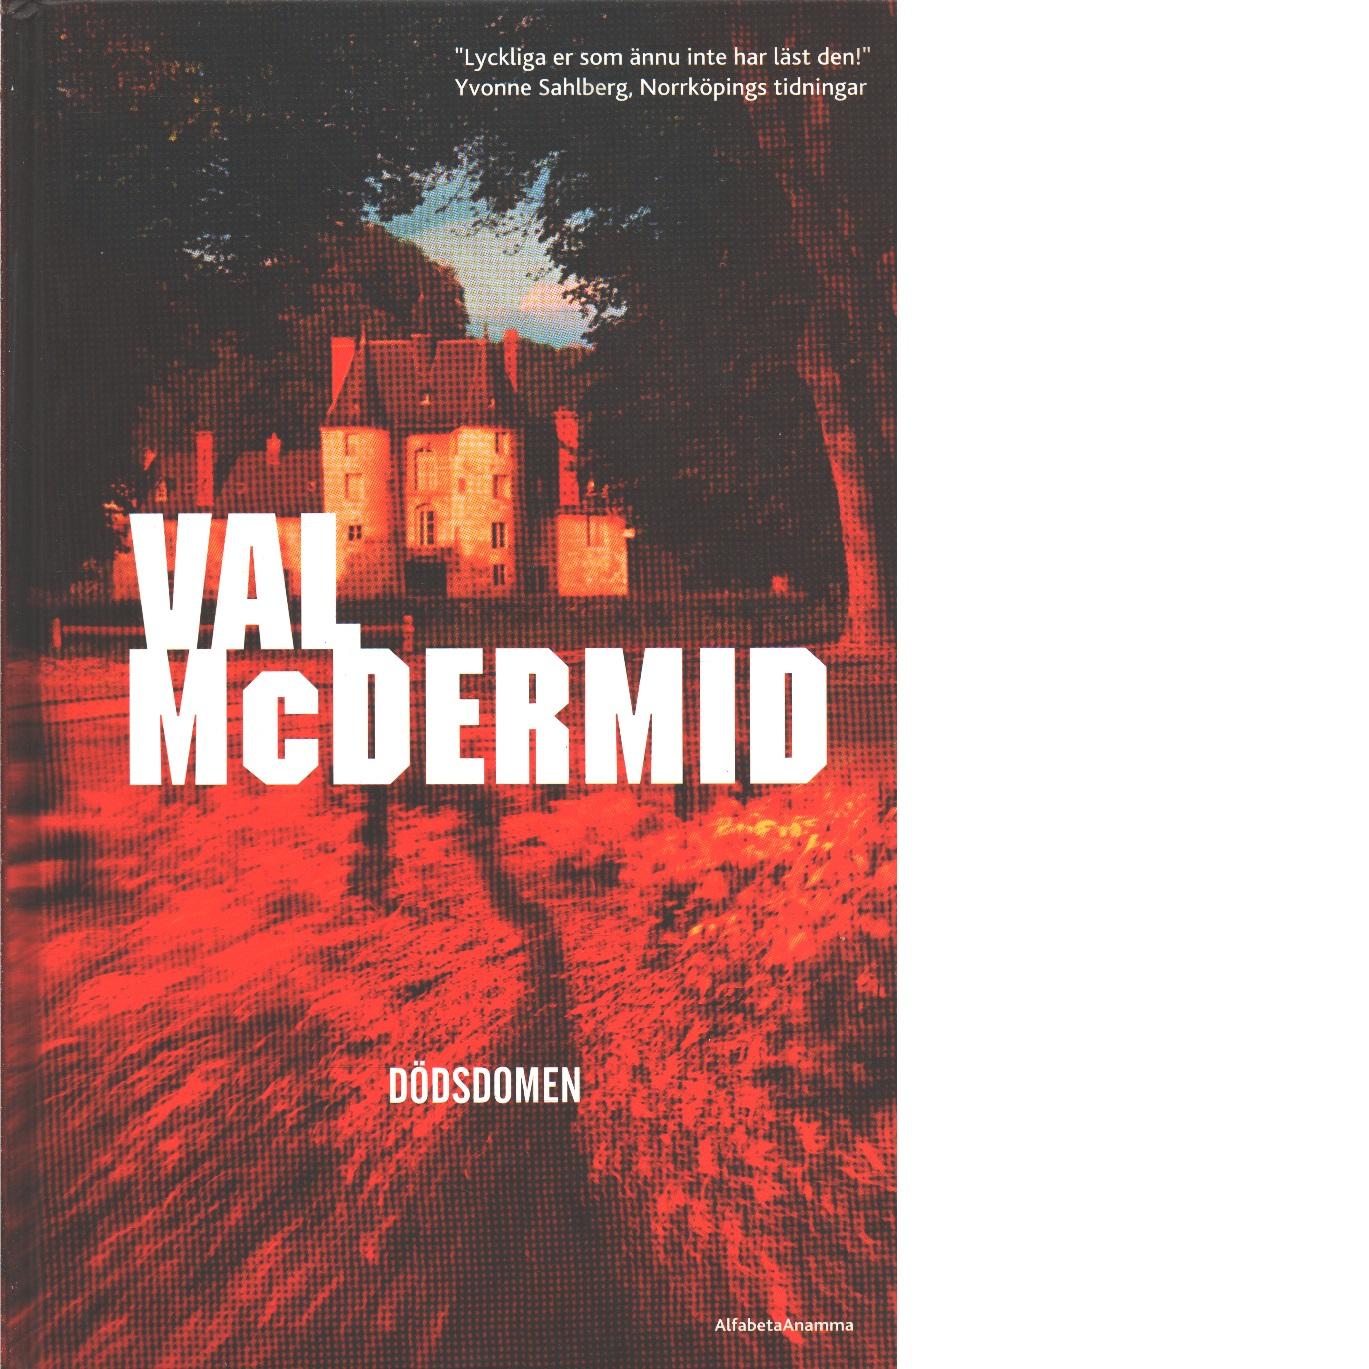 Dödsdomen - McDermid, Val,